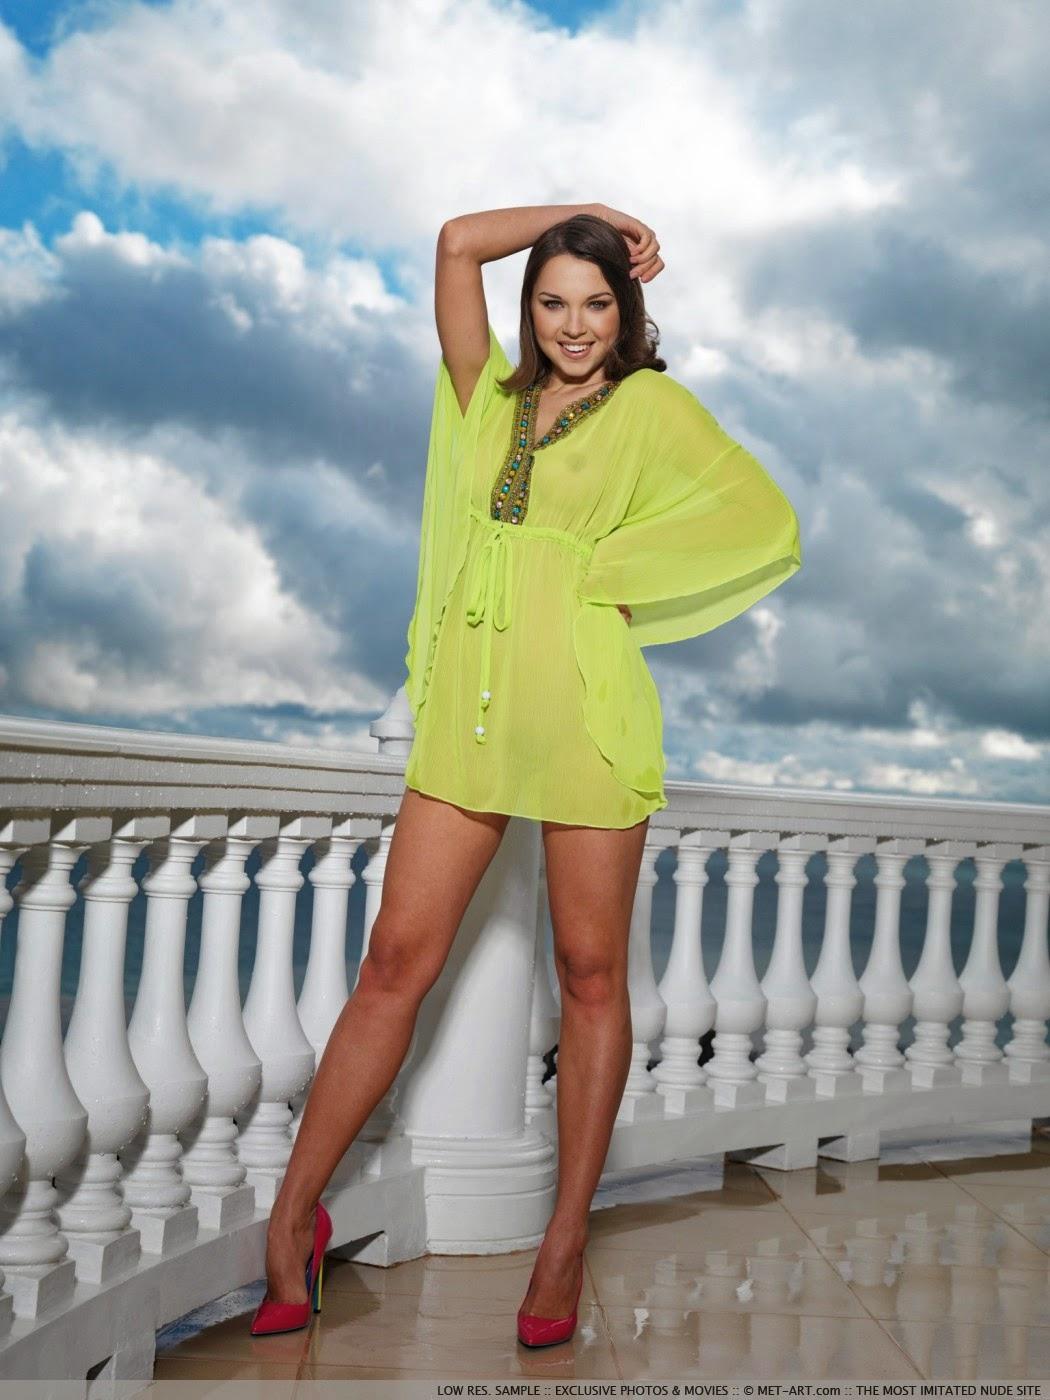 Anita E, brunettes, wet, models, women, natural lighting